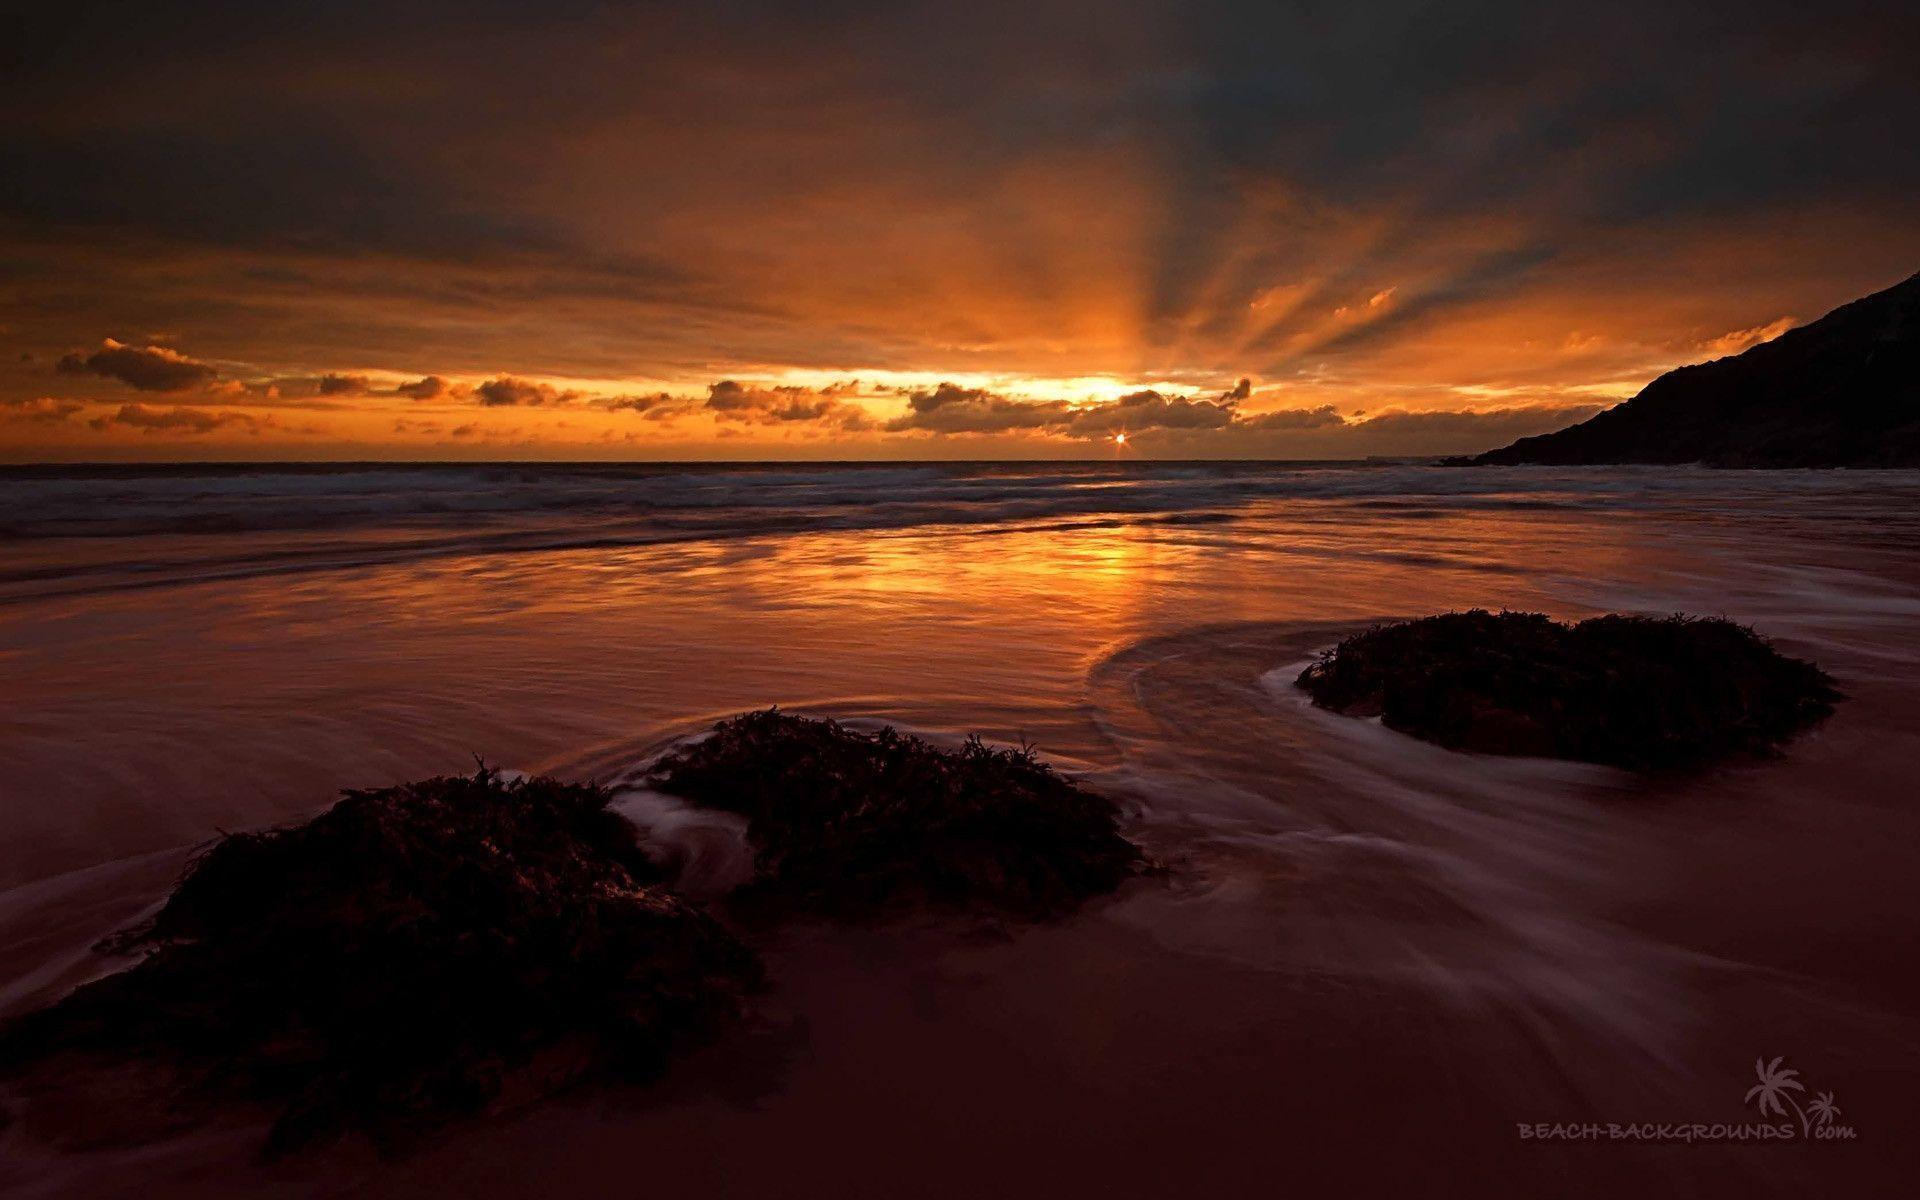 Sunset Wallpaper Hd 1920x1080: Ocean Sunset Wallpapers